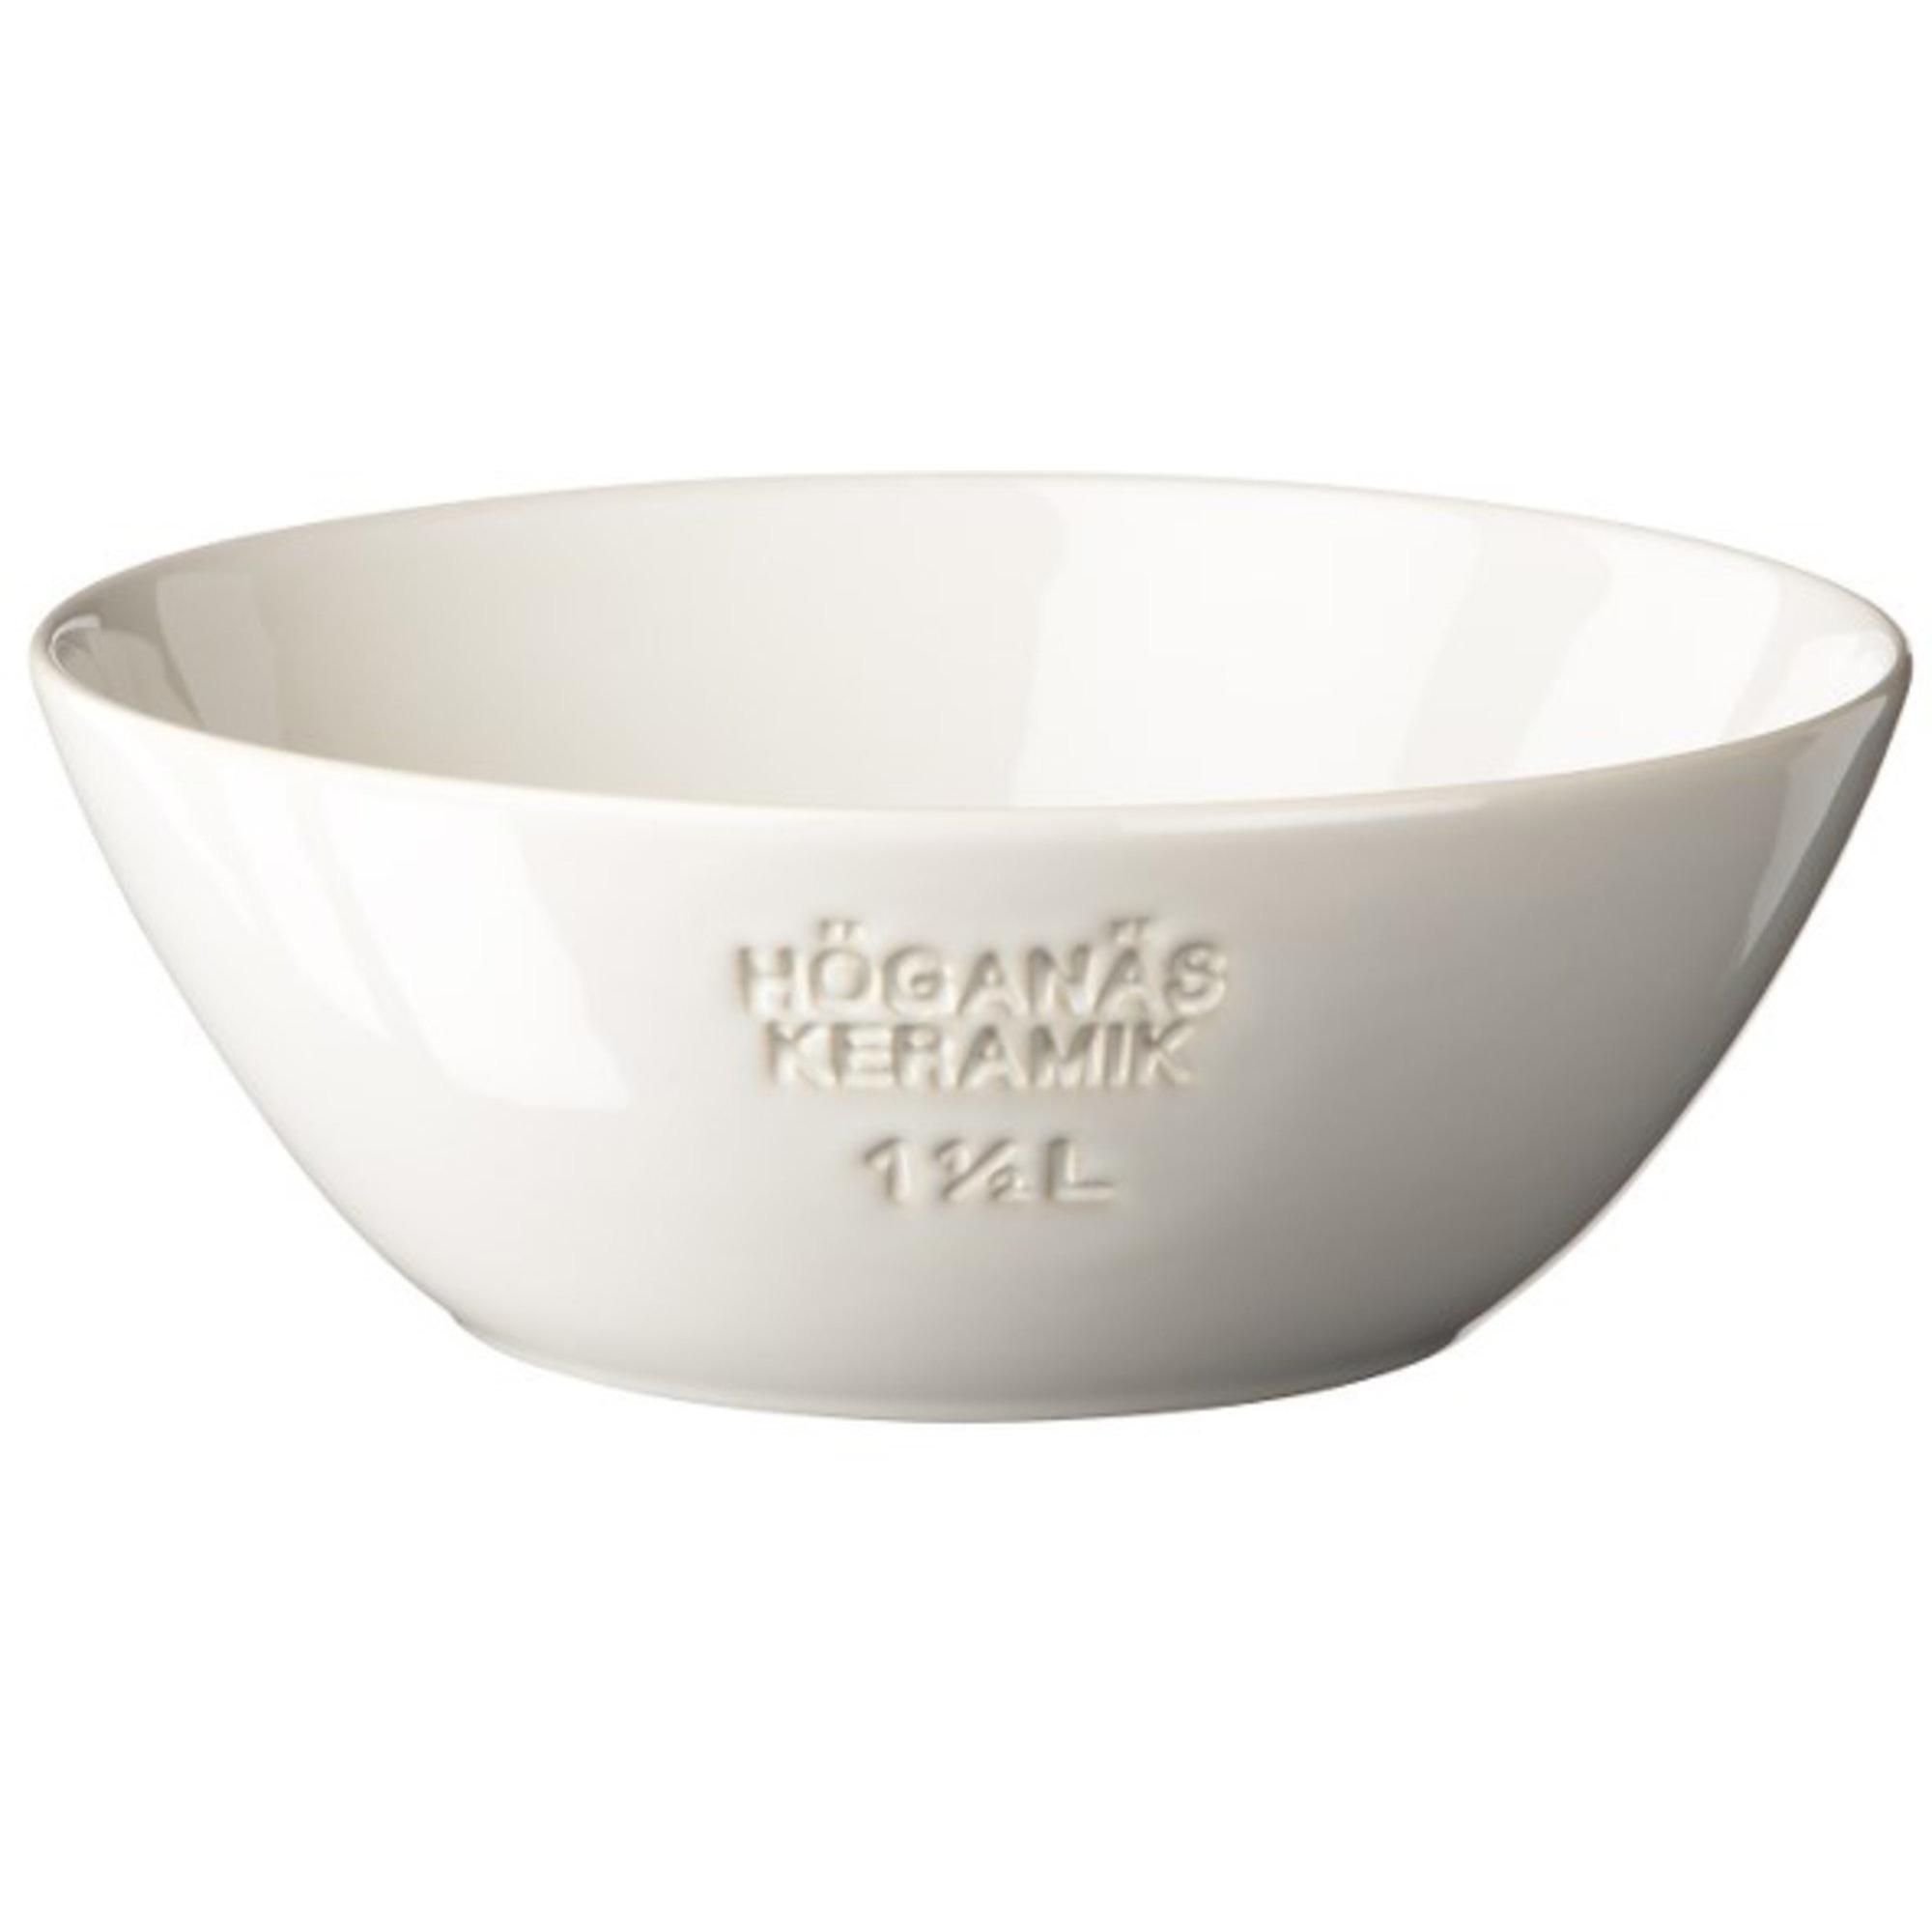 Höganäs Keramik Skål 15 L Vit blank